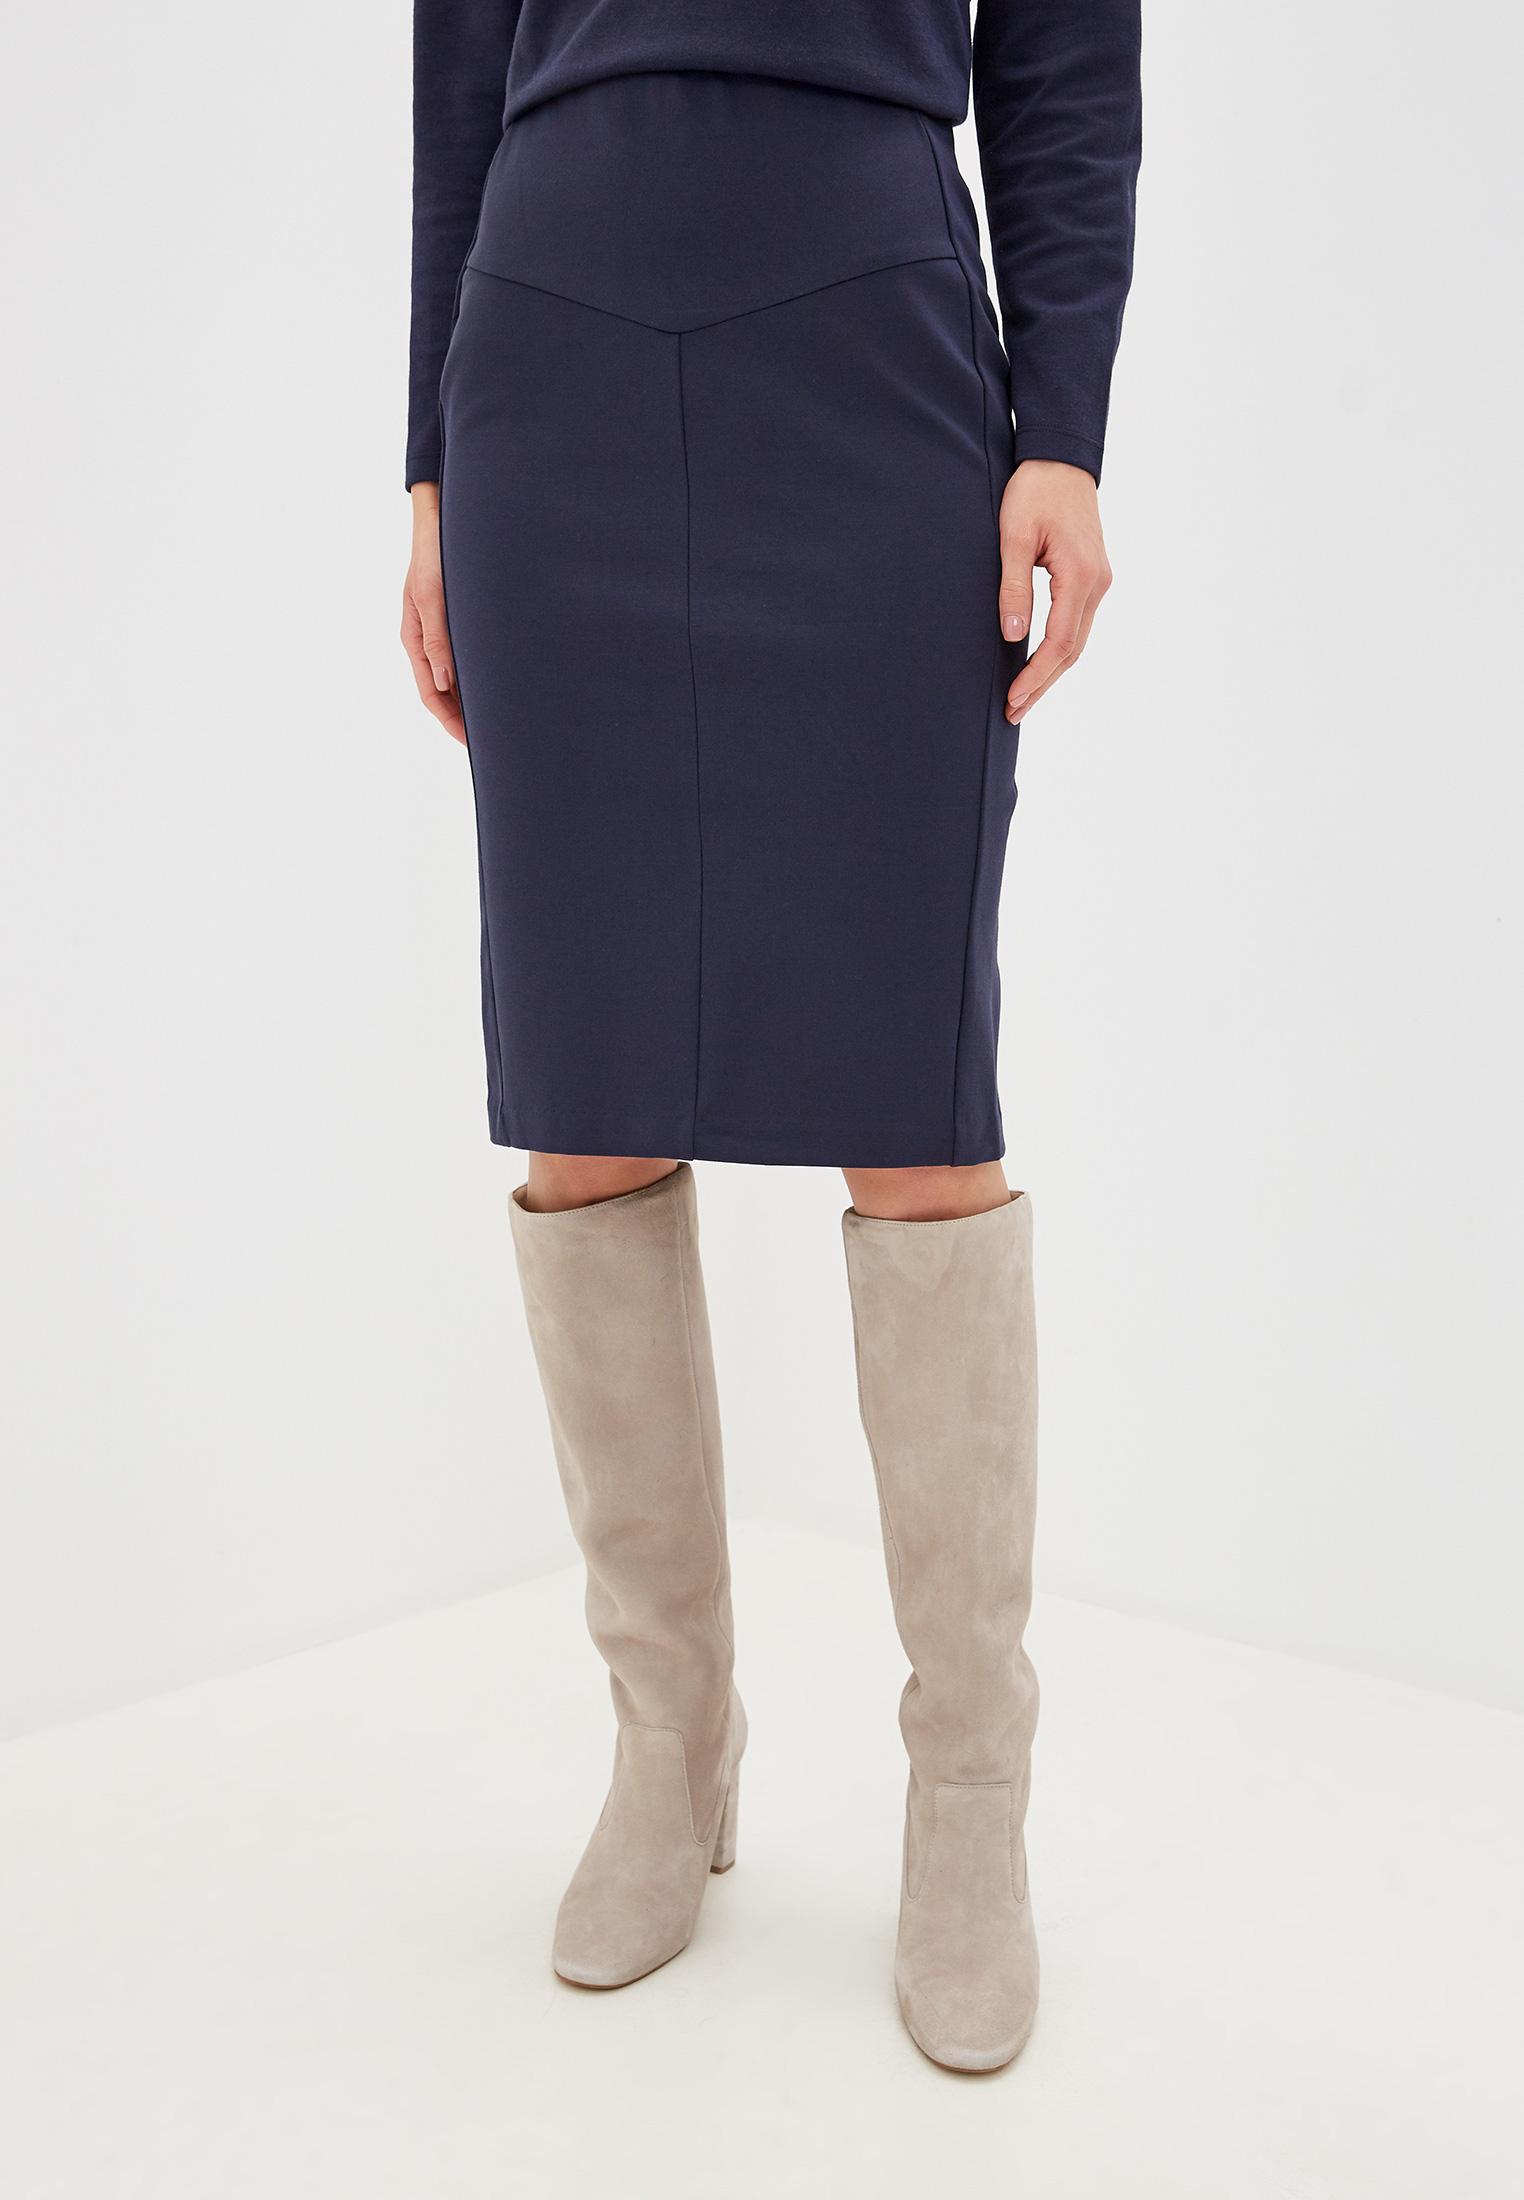 Узкая юбка Sela (Сэла) SKk-118/1224-9341